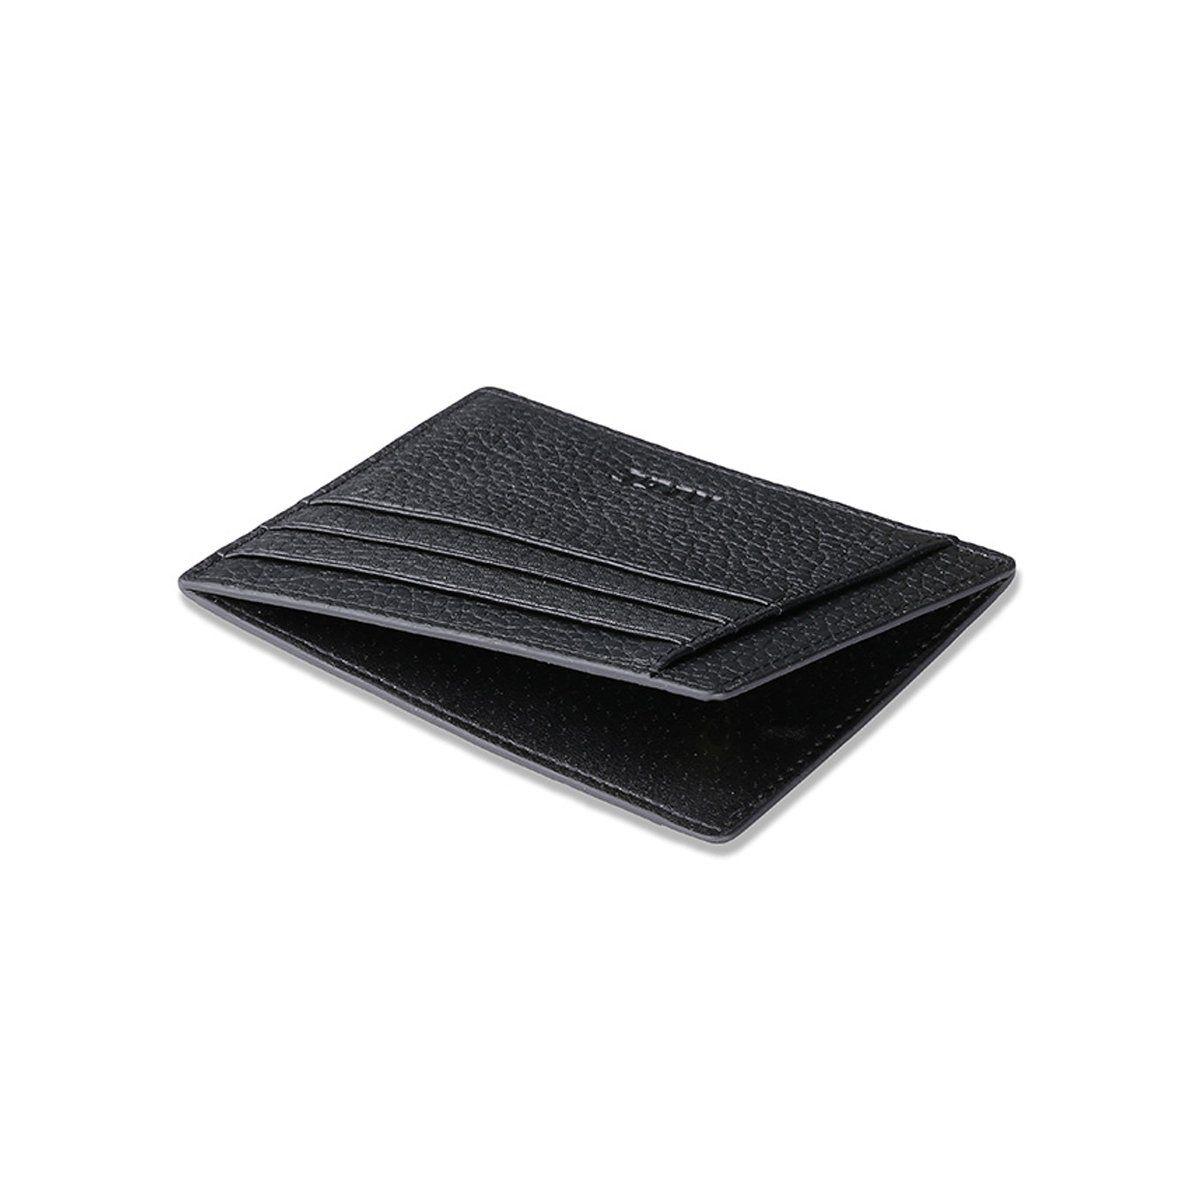 Meku leather credit card holder unisex slim business card case super meku leather credit card holder unisex slim business card case super thin soft minimalist wallet with colourmoves